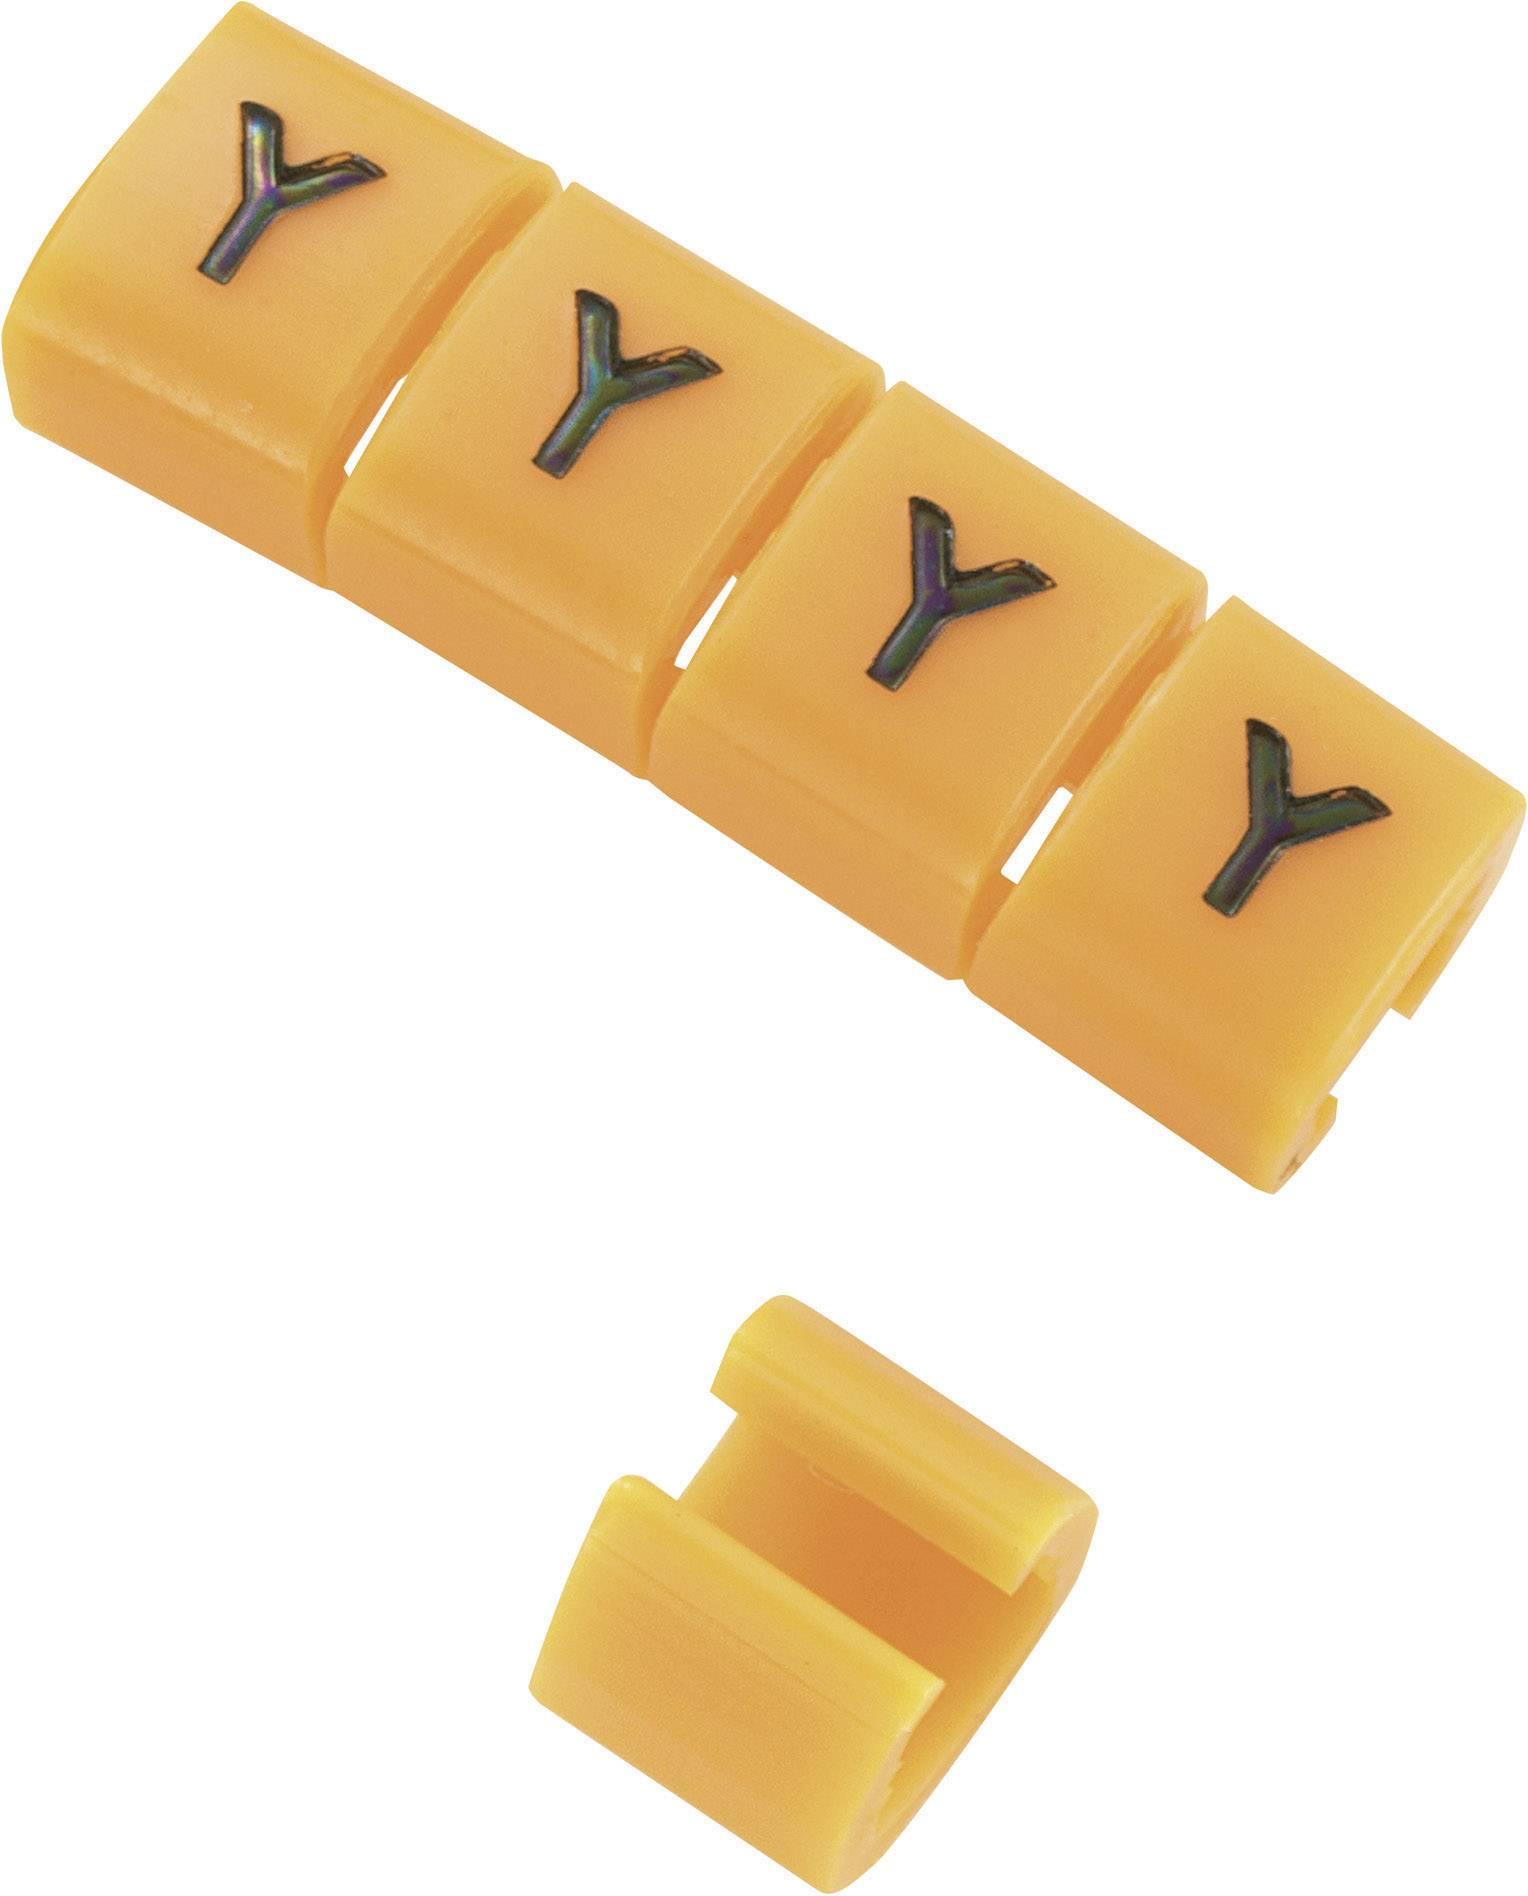 Označovacie objímka na káble KSS MB2/Y, oranžová, 10 ks